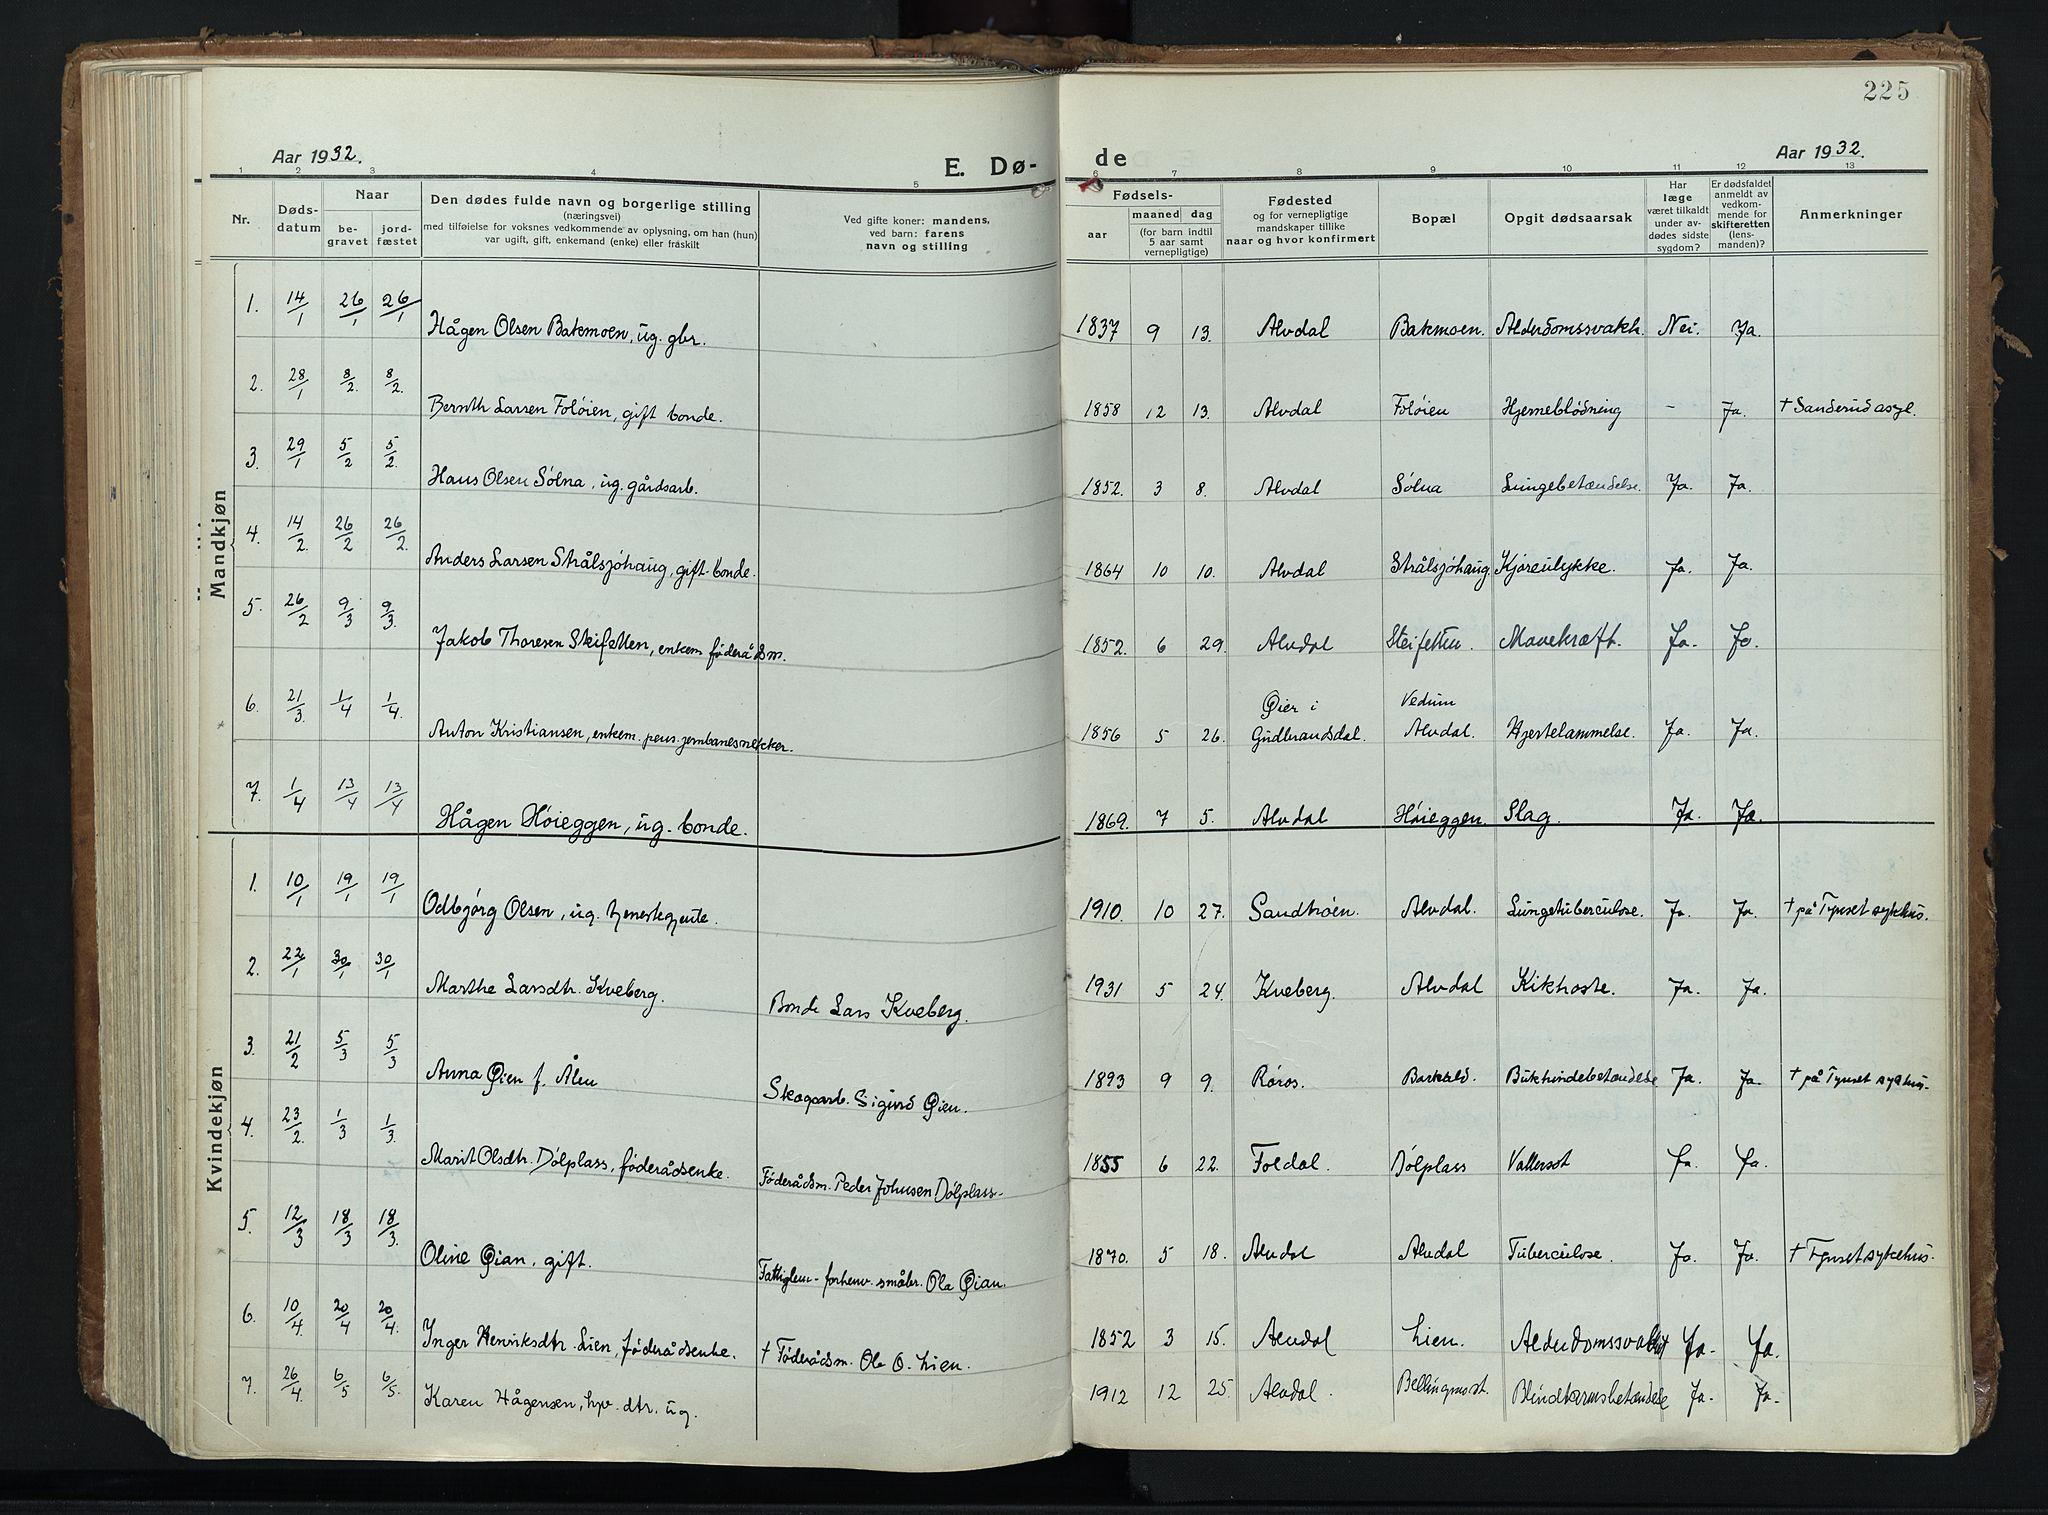 SAH, Alvdal prestekontor, Parish register (official) no. 6, 1920-1937, p. 225